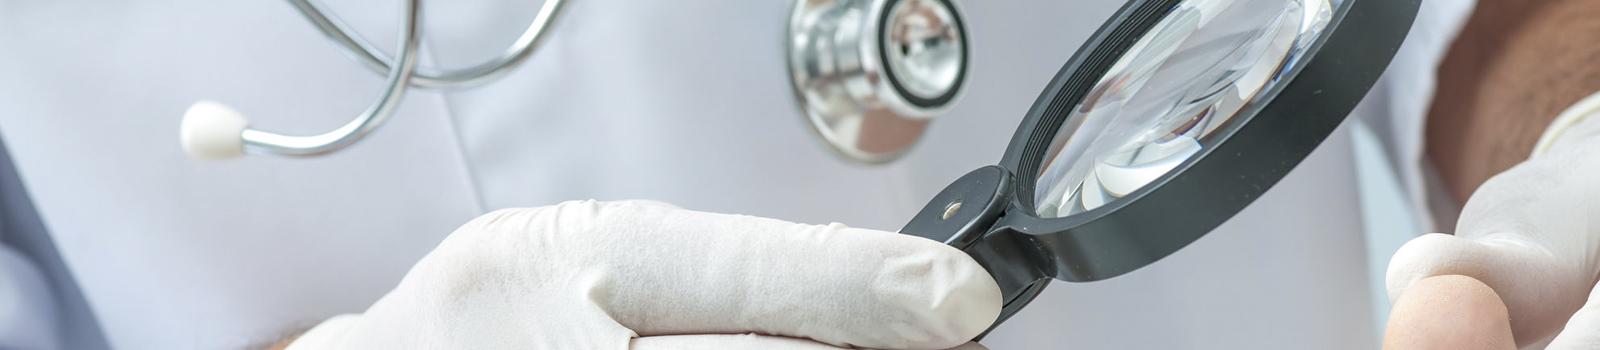 cirugía podológica  depie